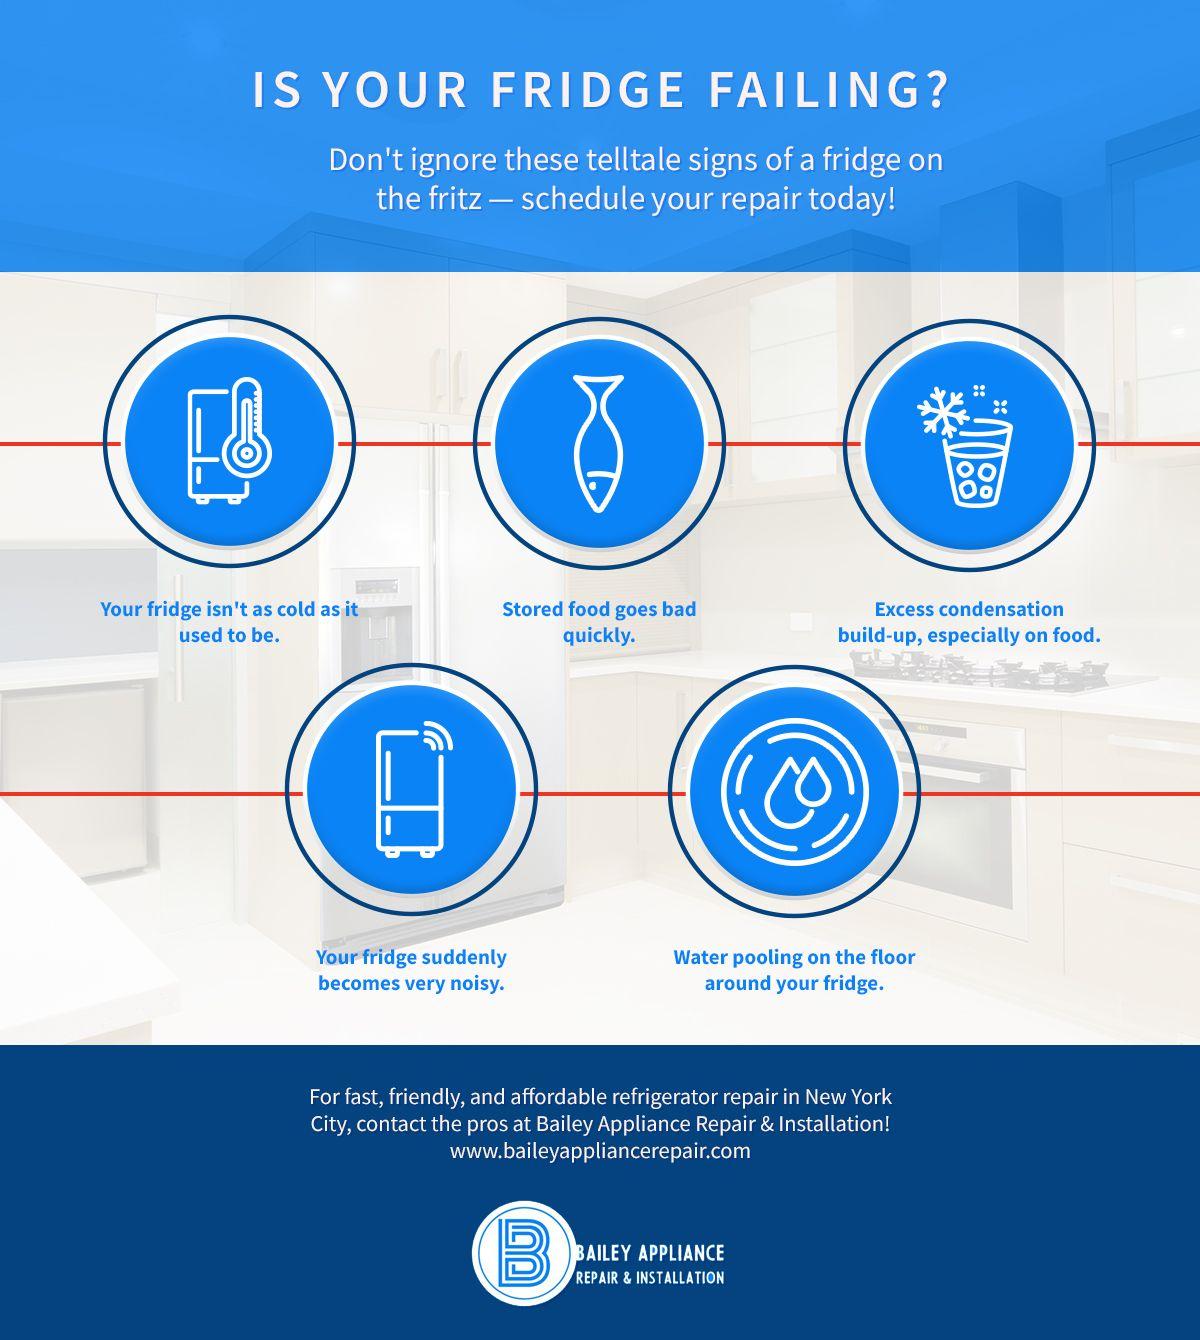 Is Your Fridge Failing.jpg